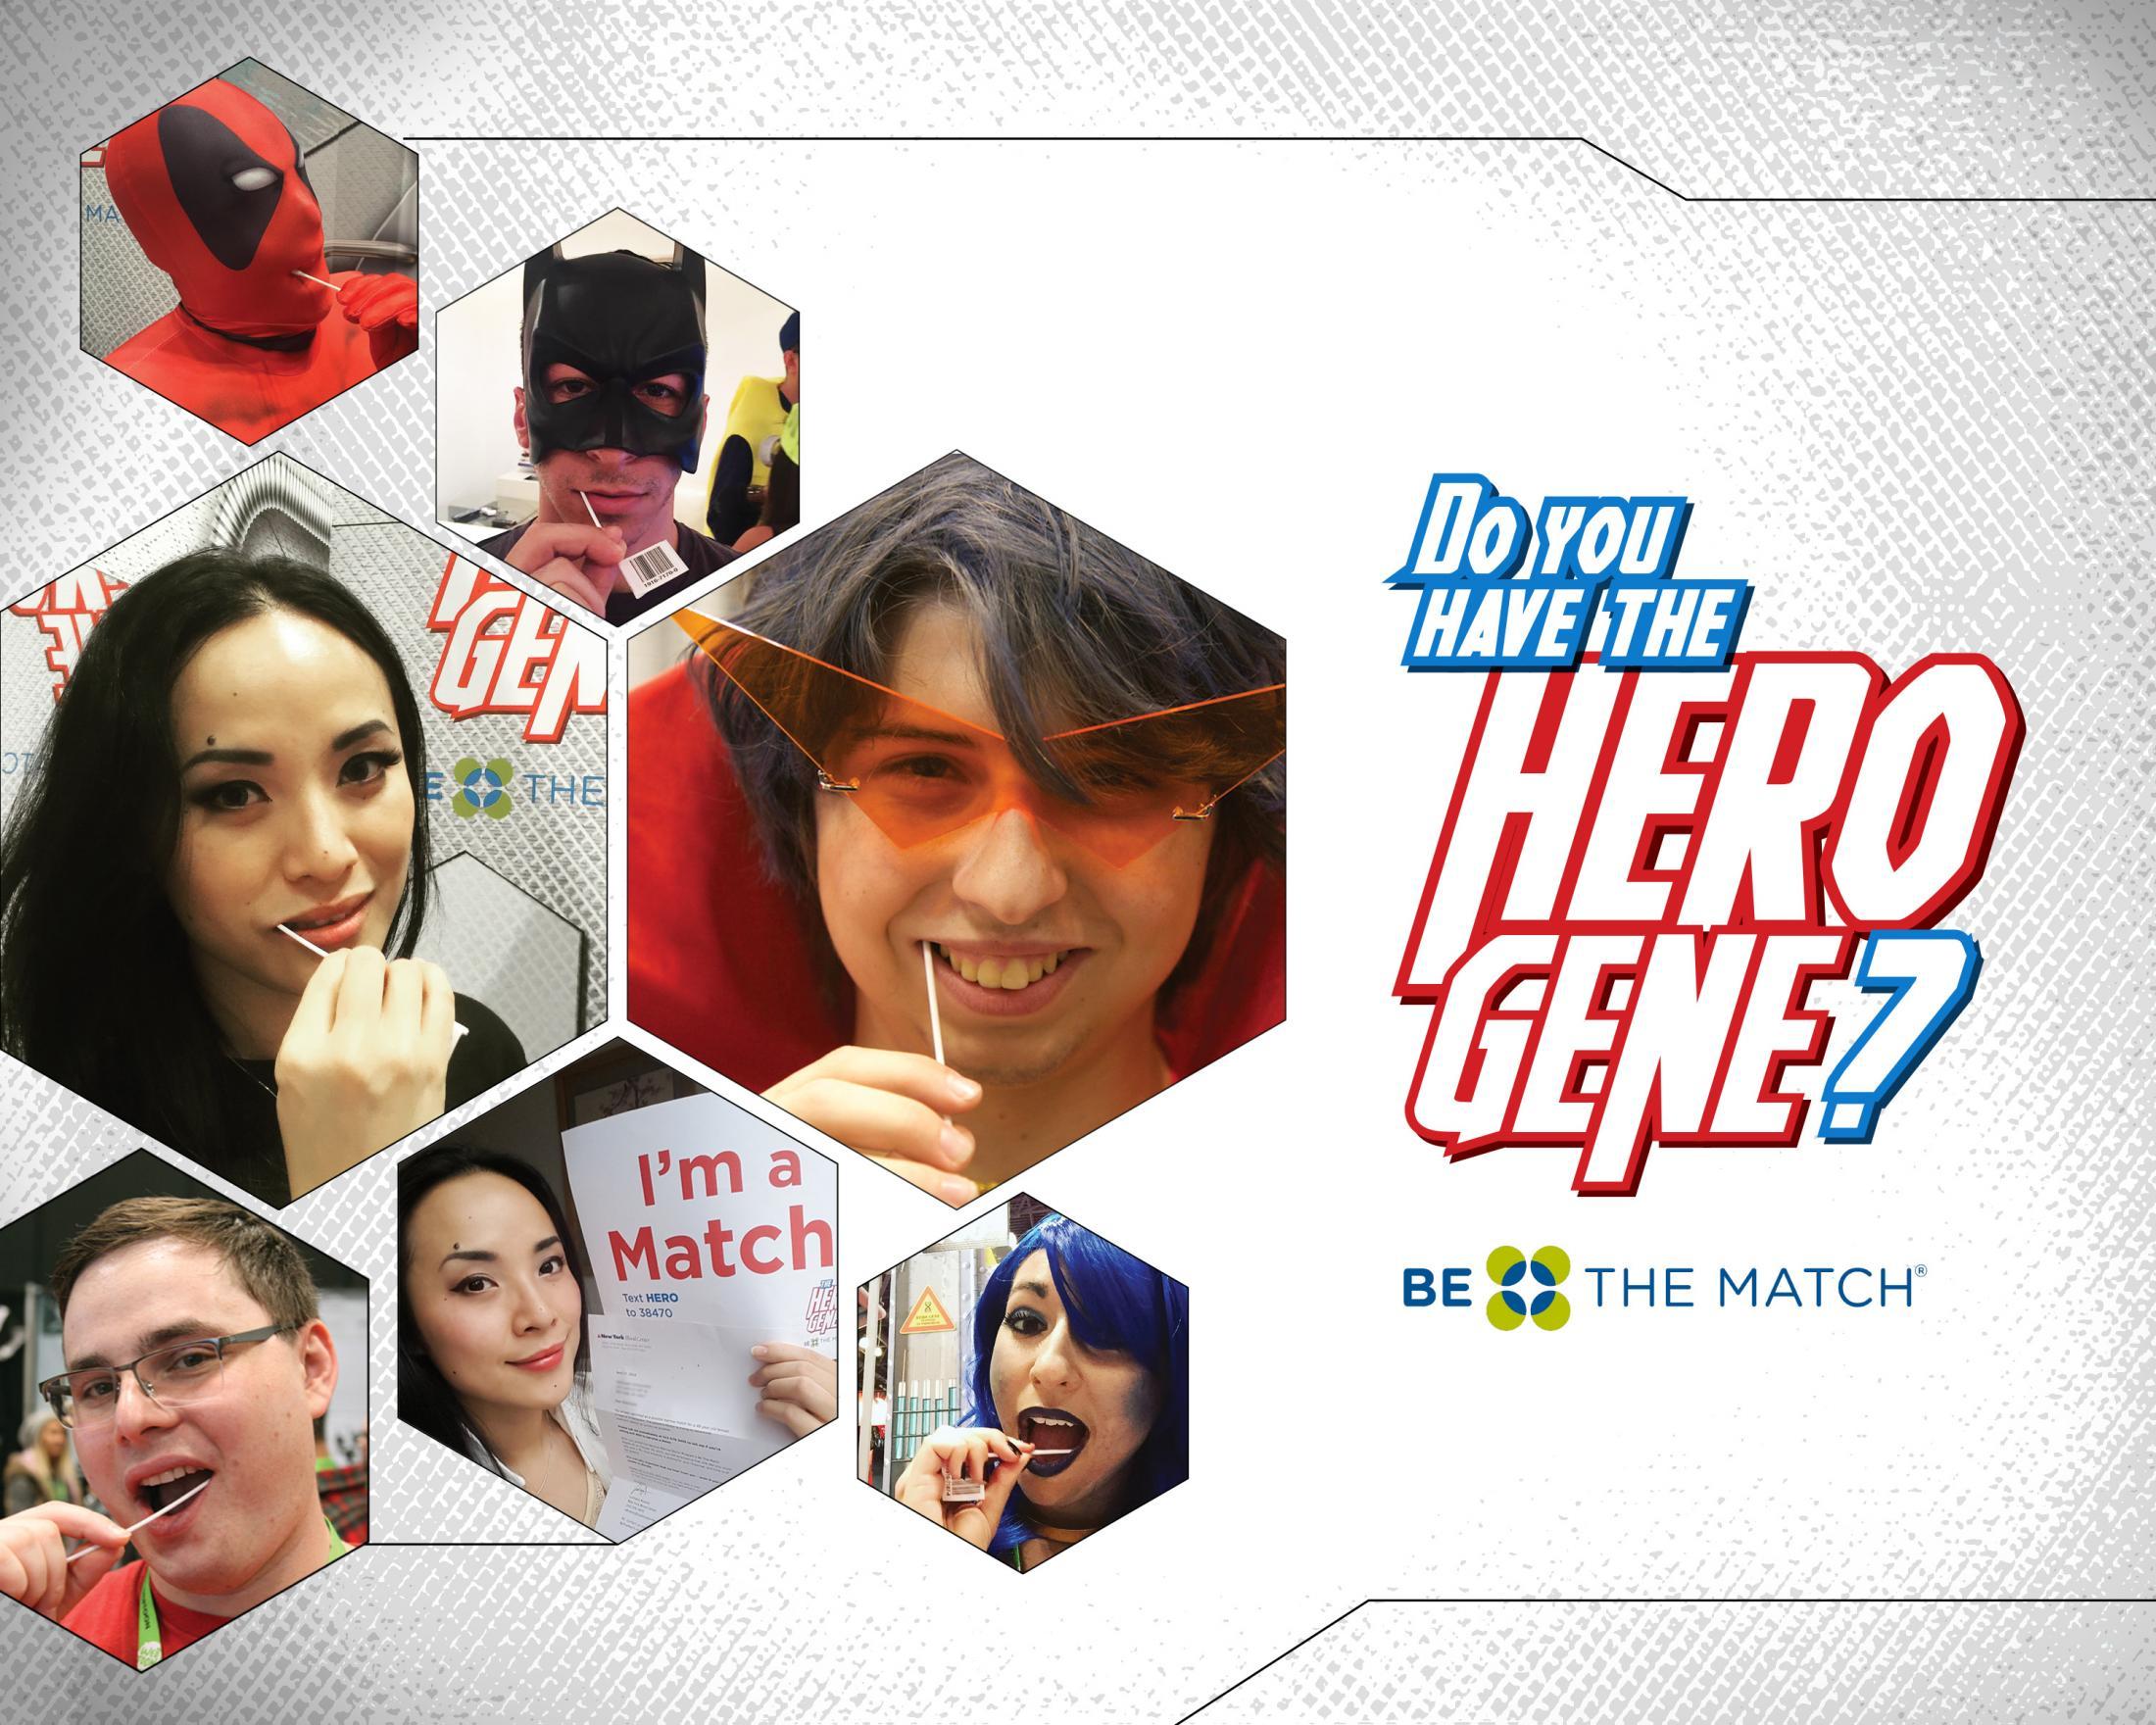 Thumbnail for Hero Gene